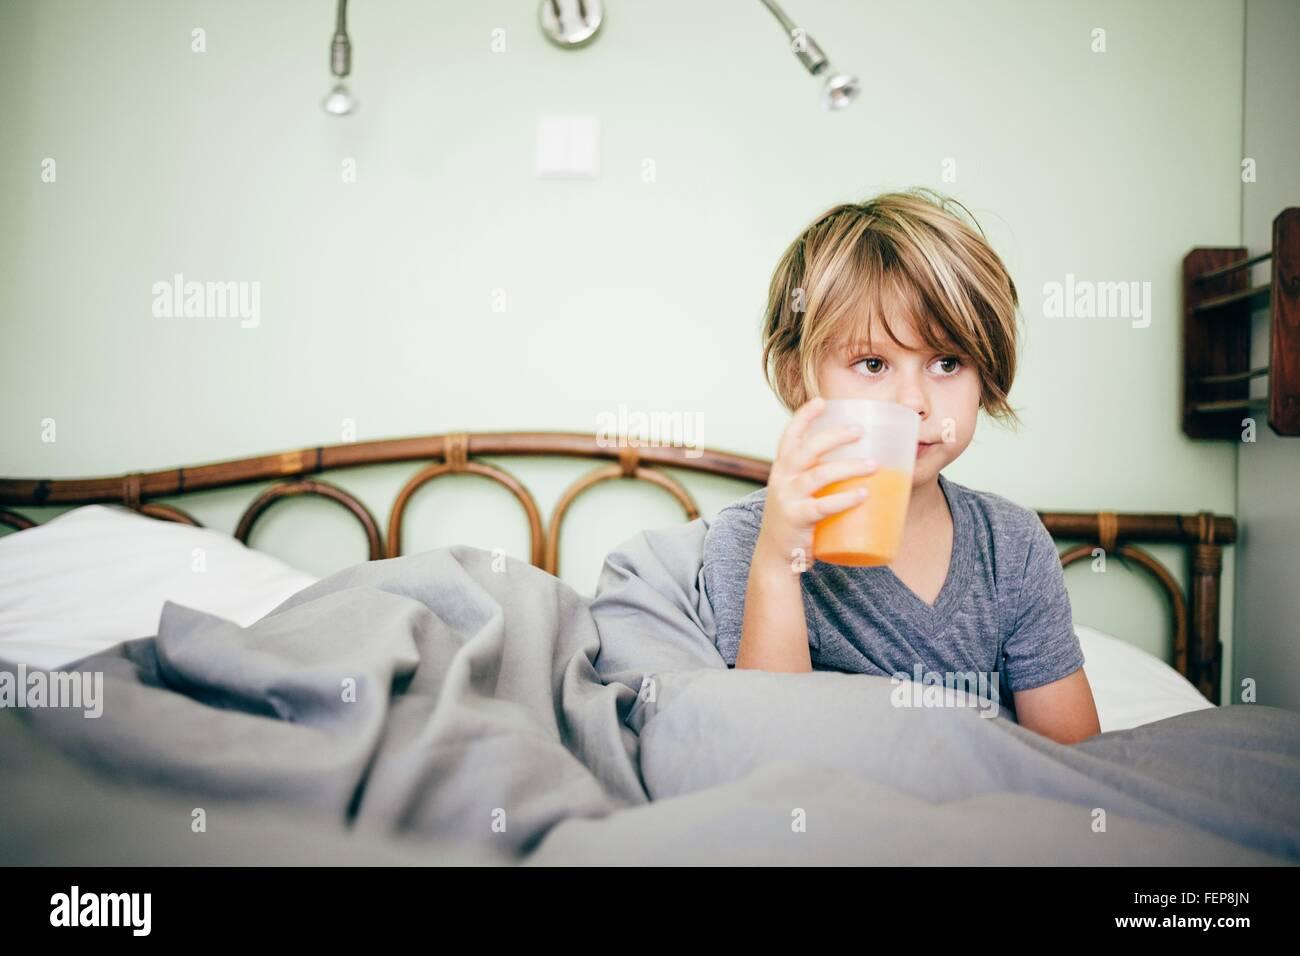 Garçon assis dans un bécher potable lit de jus d'orange, à l'écart, Bludenz, Vorarlberg, Photo Stock